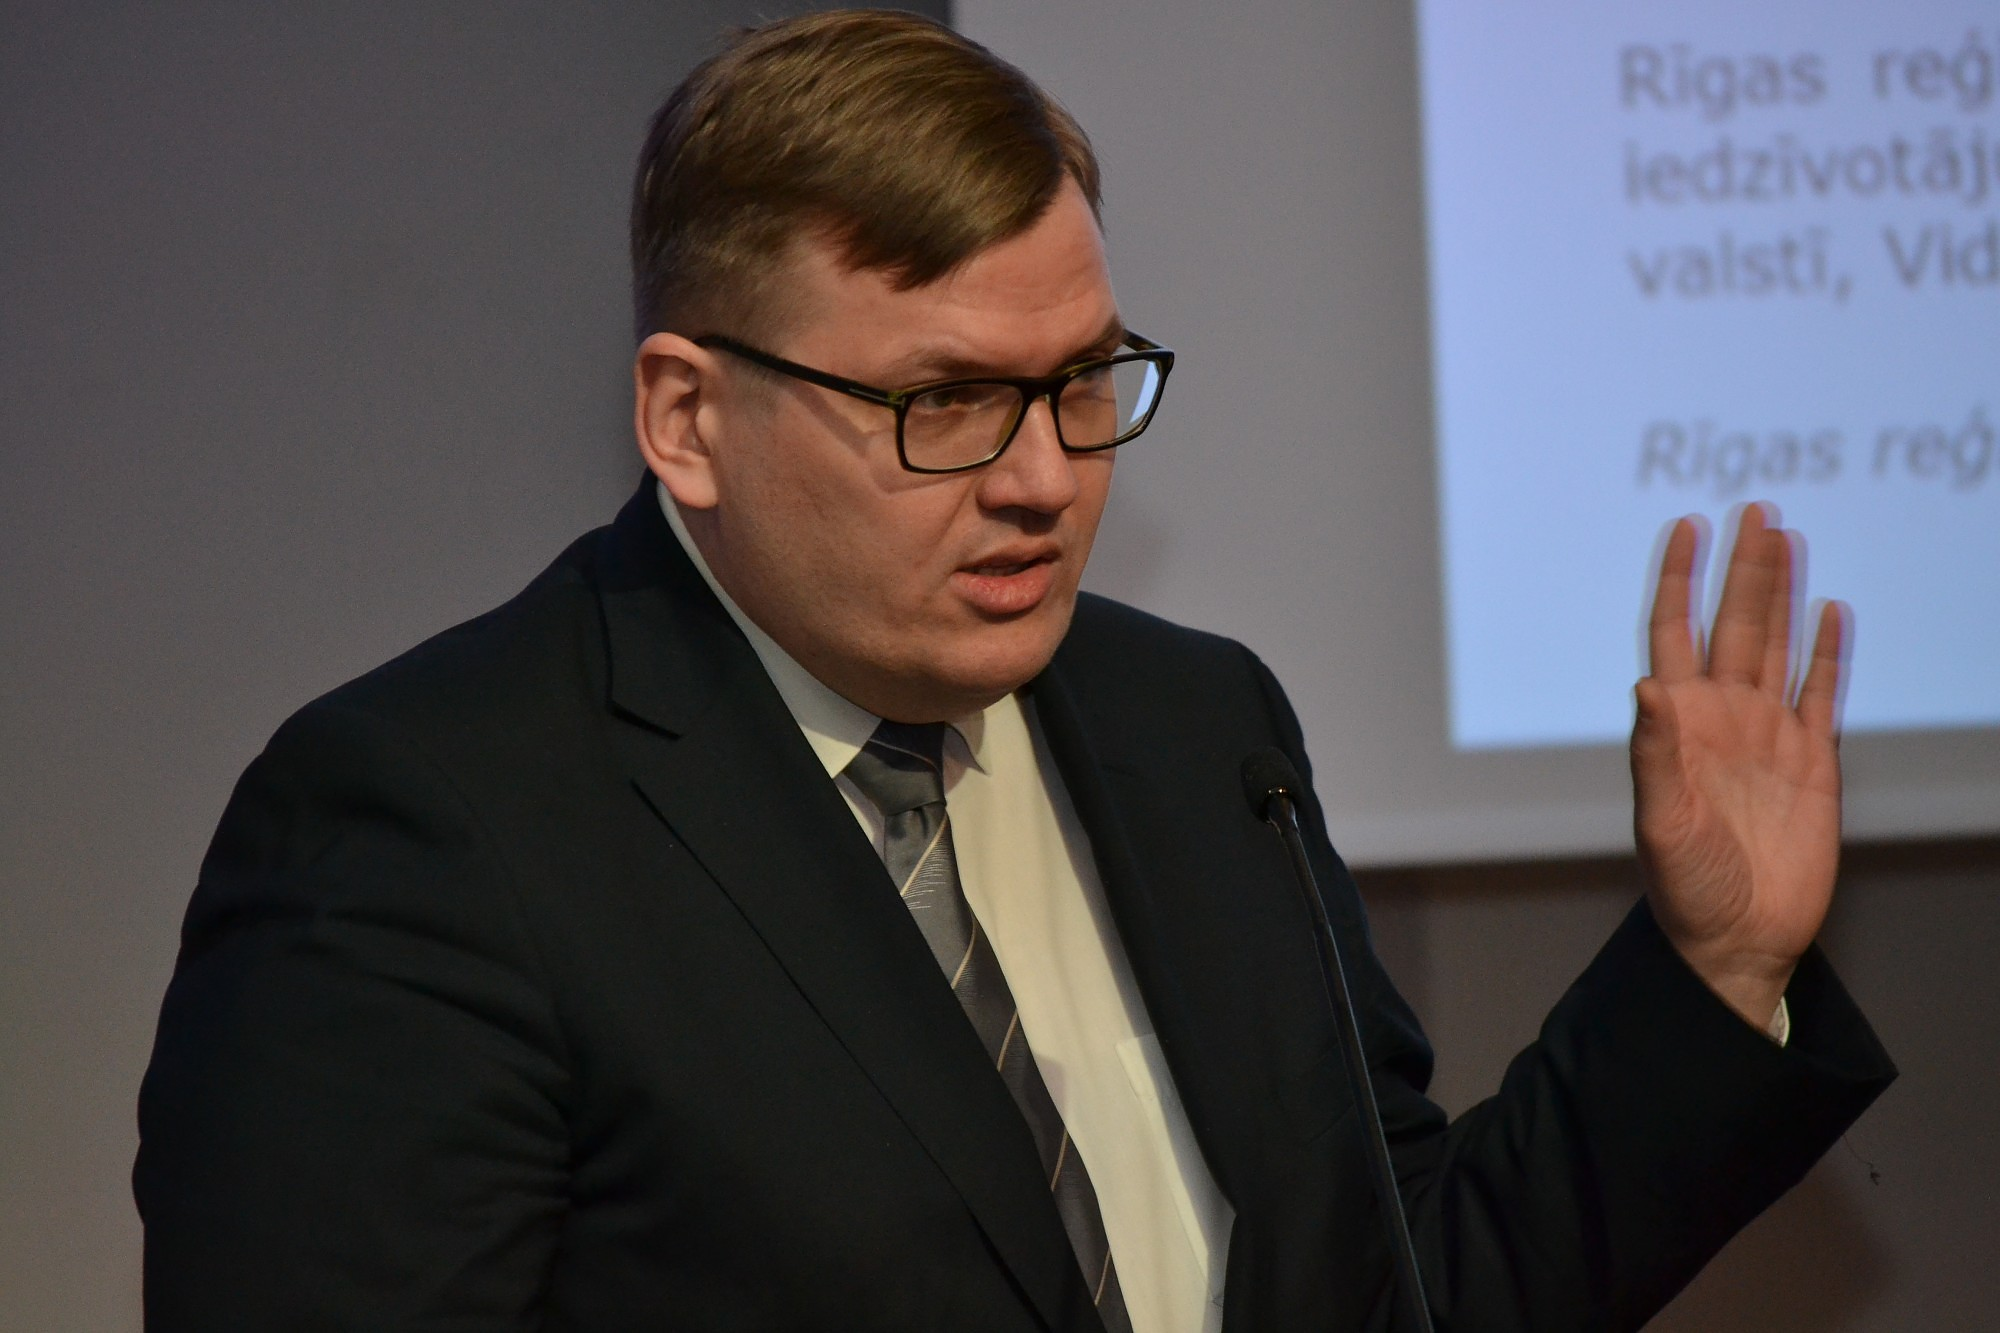 ЛСС из-за недовольства территориальной реформой потребовал отставки министра Пуце